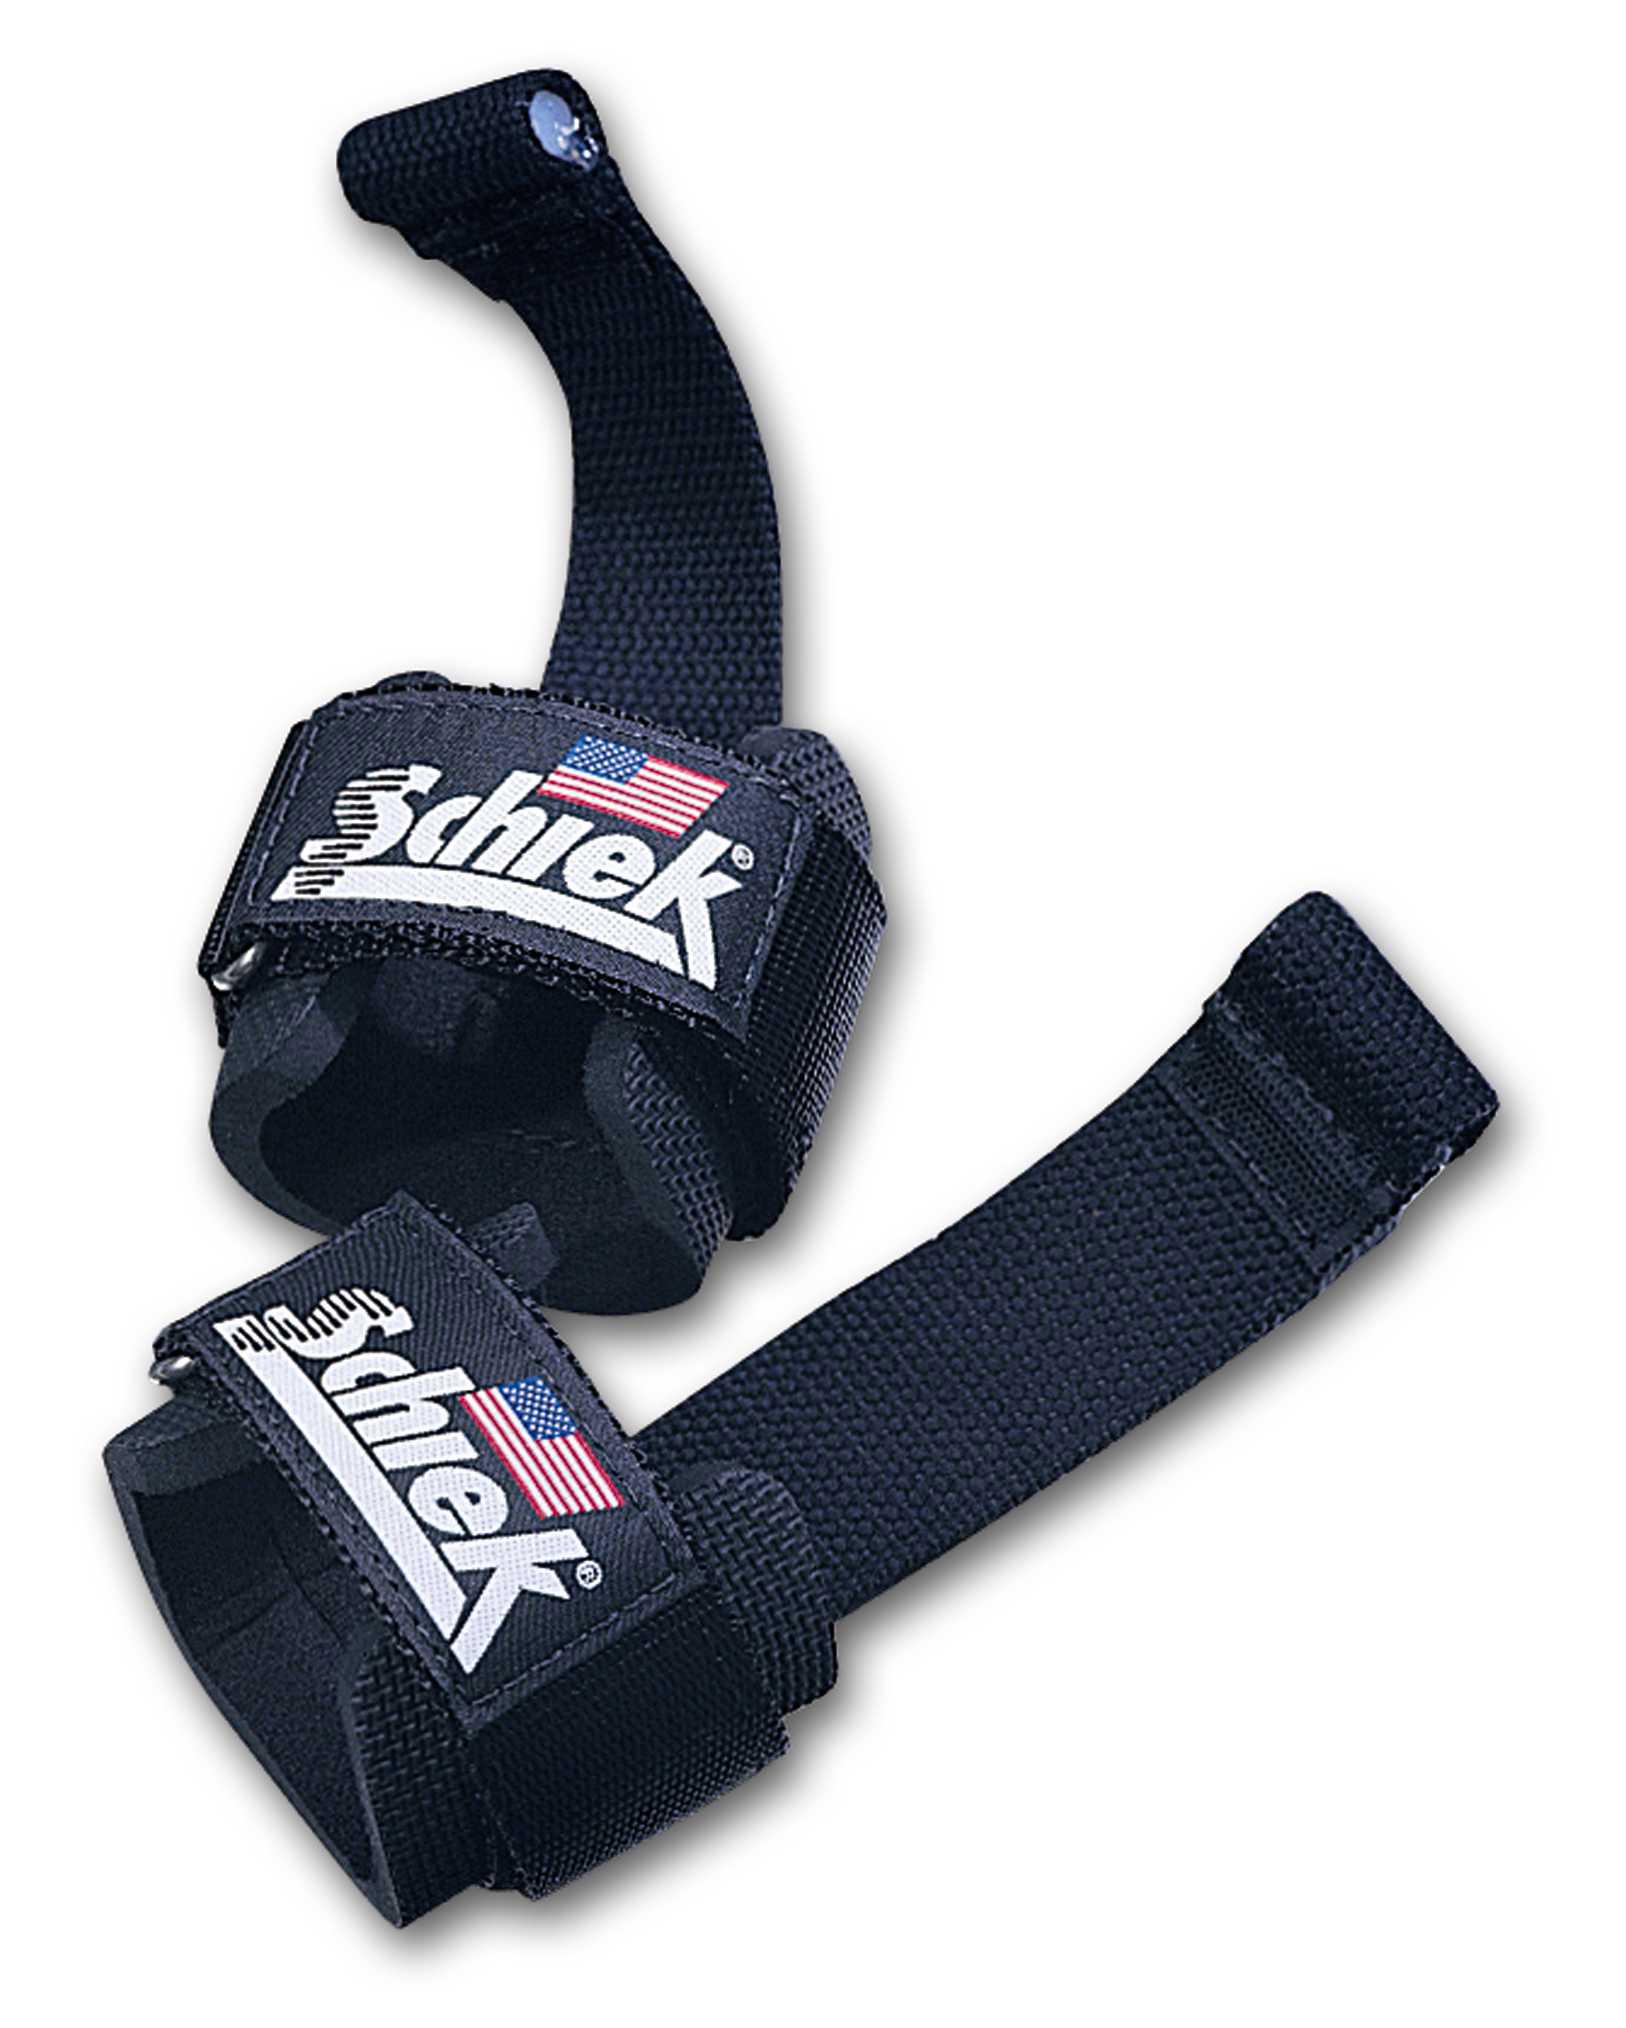 Schiek Sports Handgelenkschutz mit Zughilfen Modell 1000DLS Dowel Lifting Straps